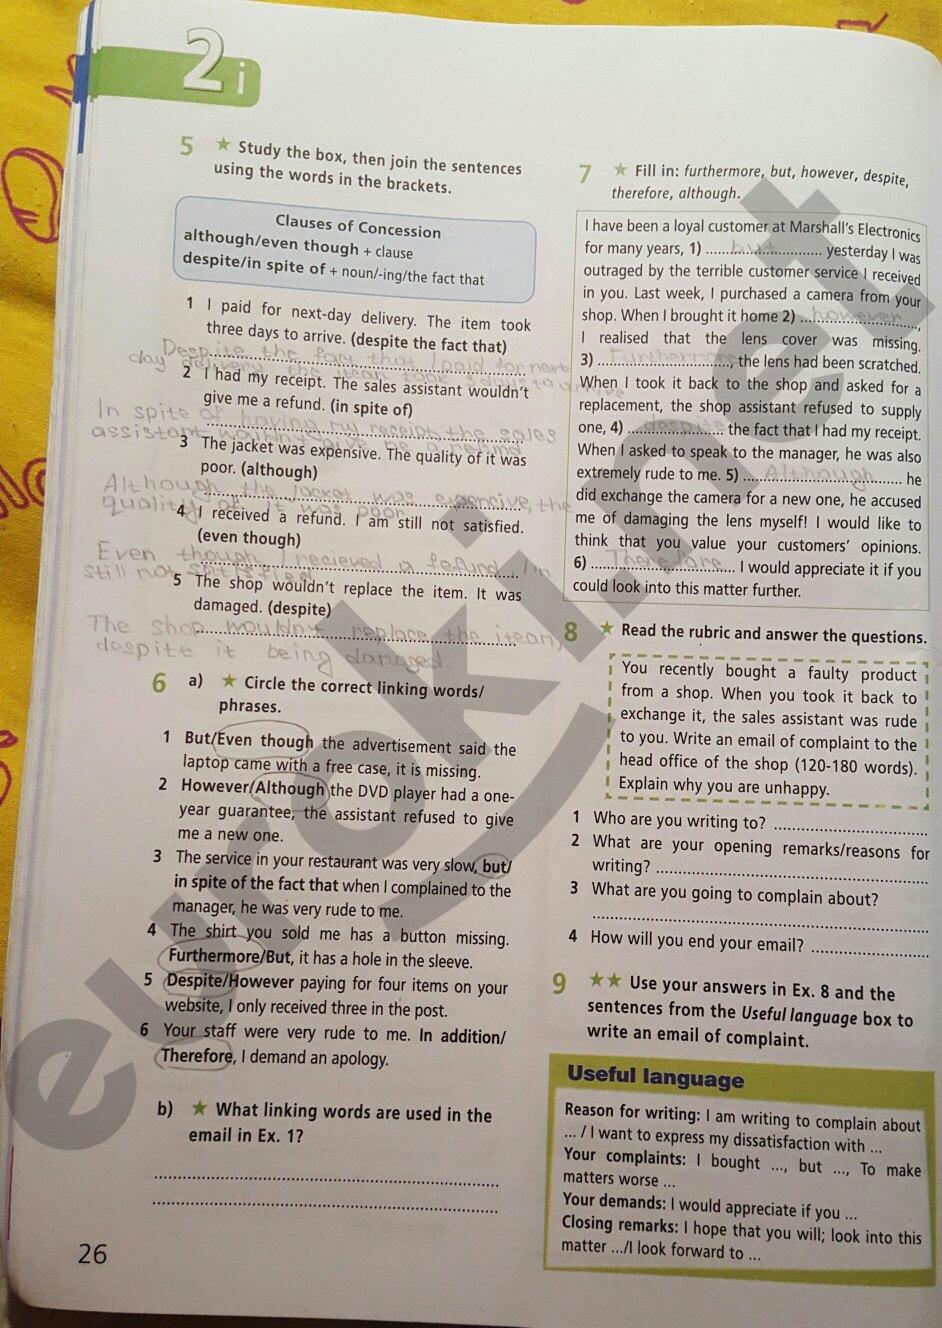 ГДЗ по английскому языку 8 класс рабочая тетрадь Баранова. Задание: стр. 26